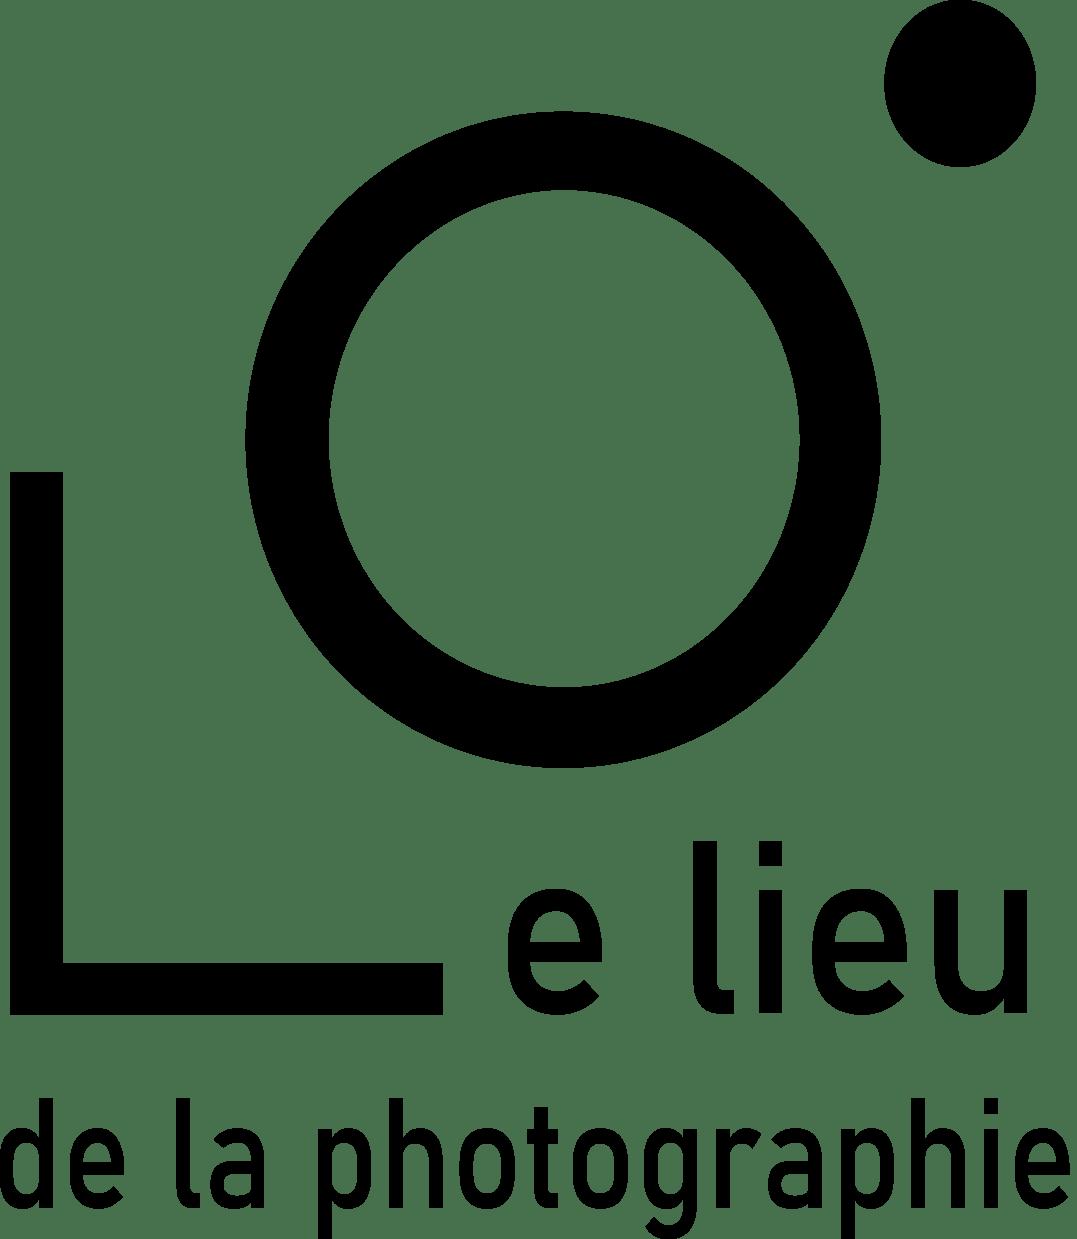 Le Lieu de la photographie